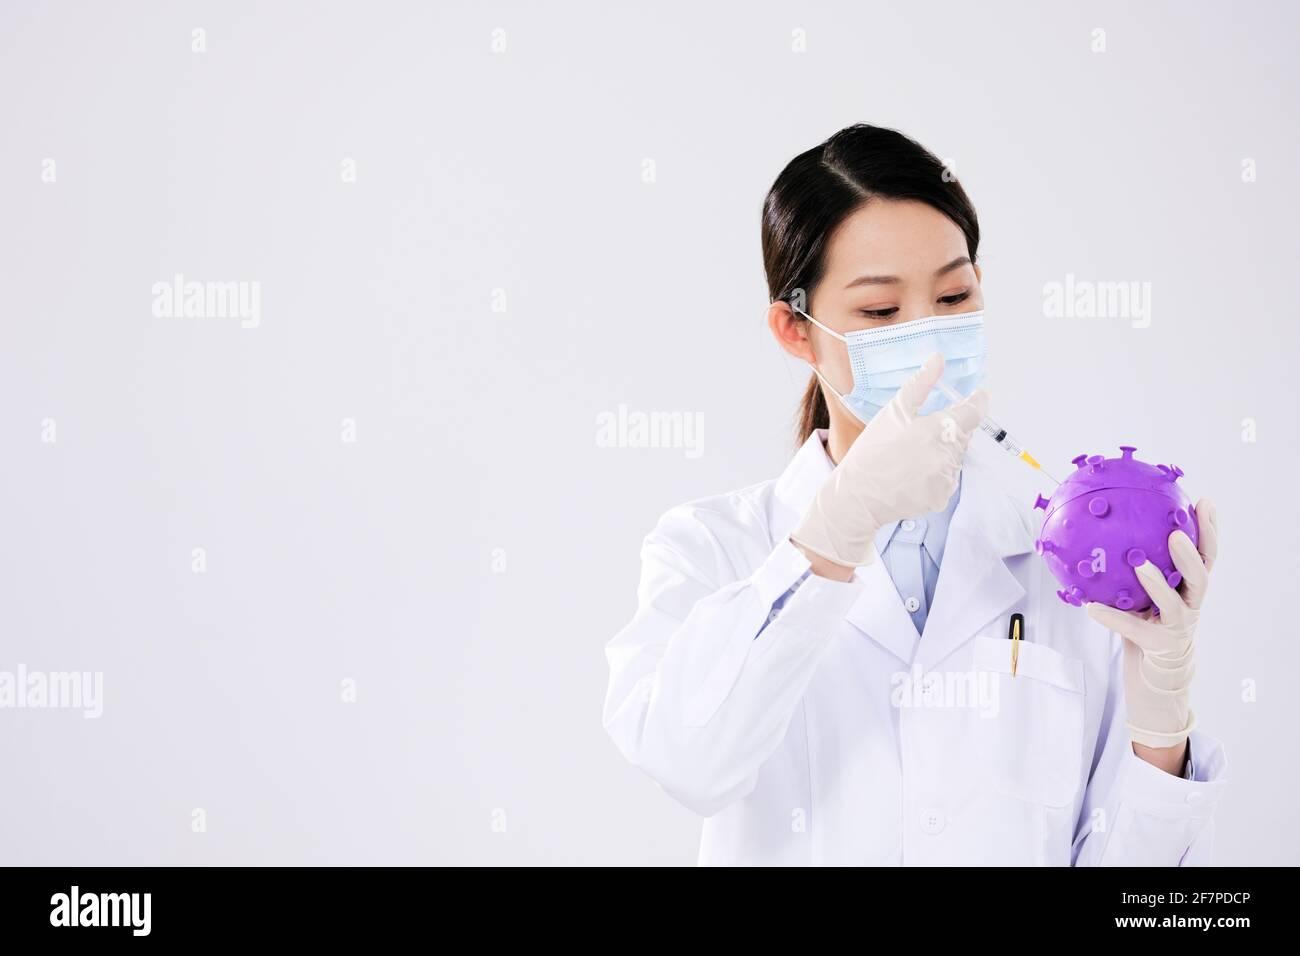 Eine Ärztin injiziert Virusmodelle Stockfoto